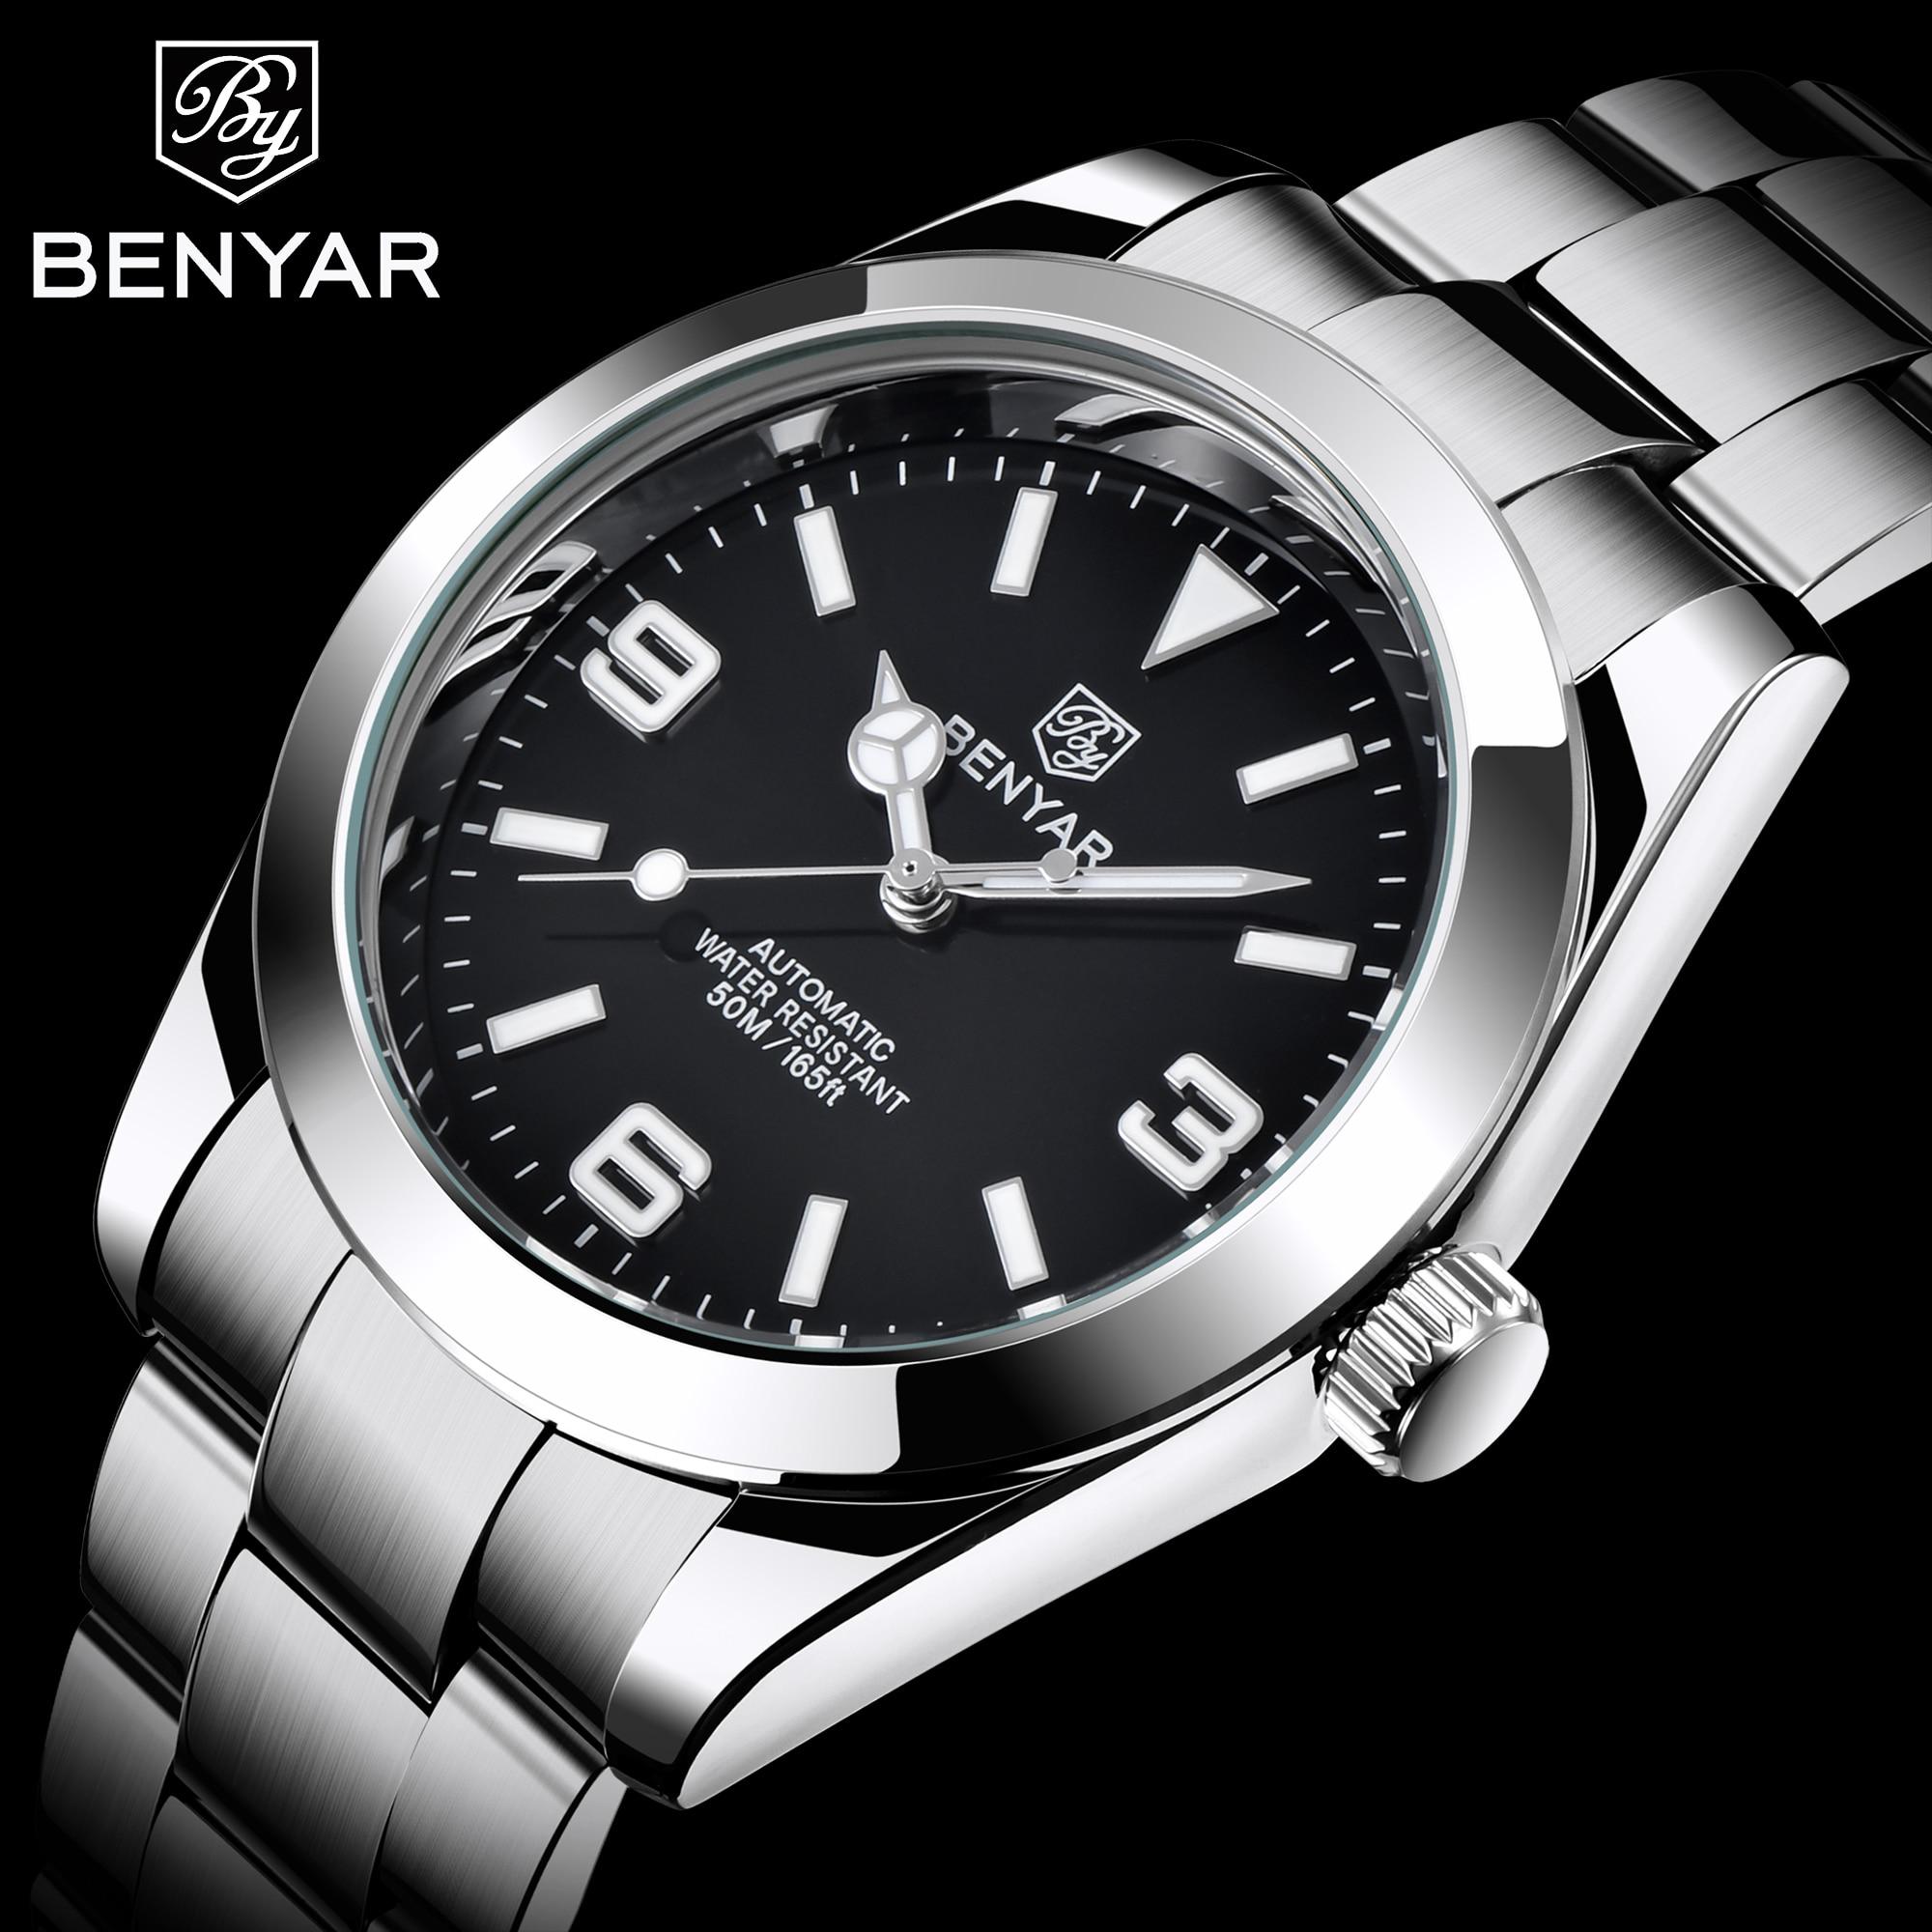 Benyar 2021 novo relógio mecânico automático masculino relógios de moda à prova dwaterproof água relógio esportivo reloj hombre